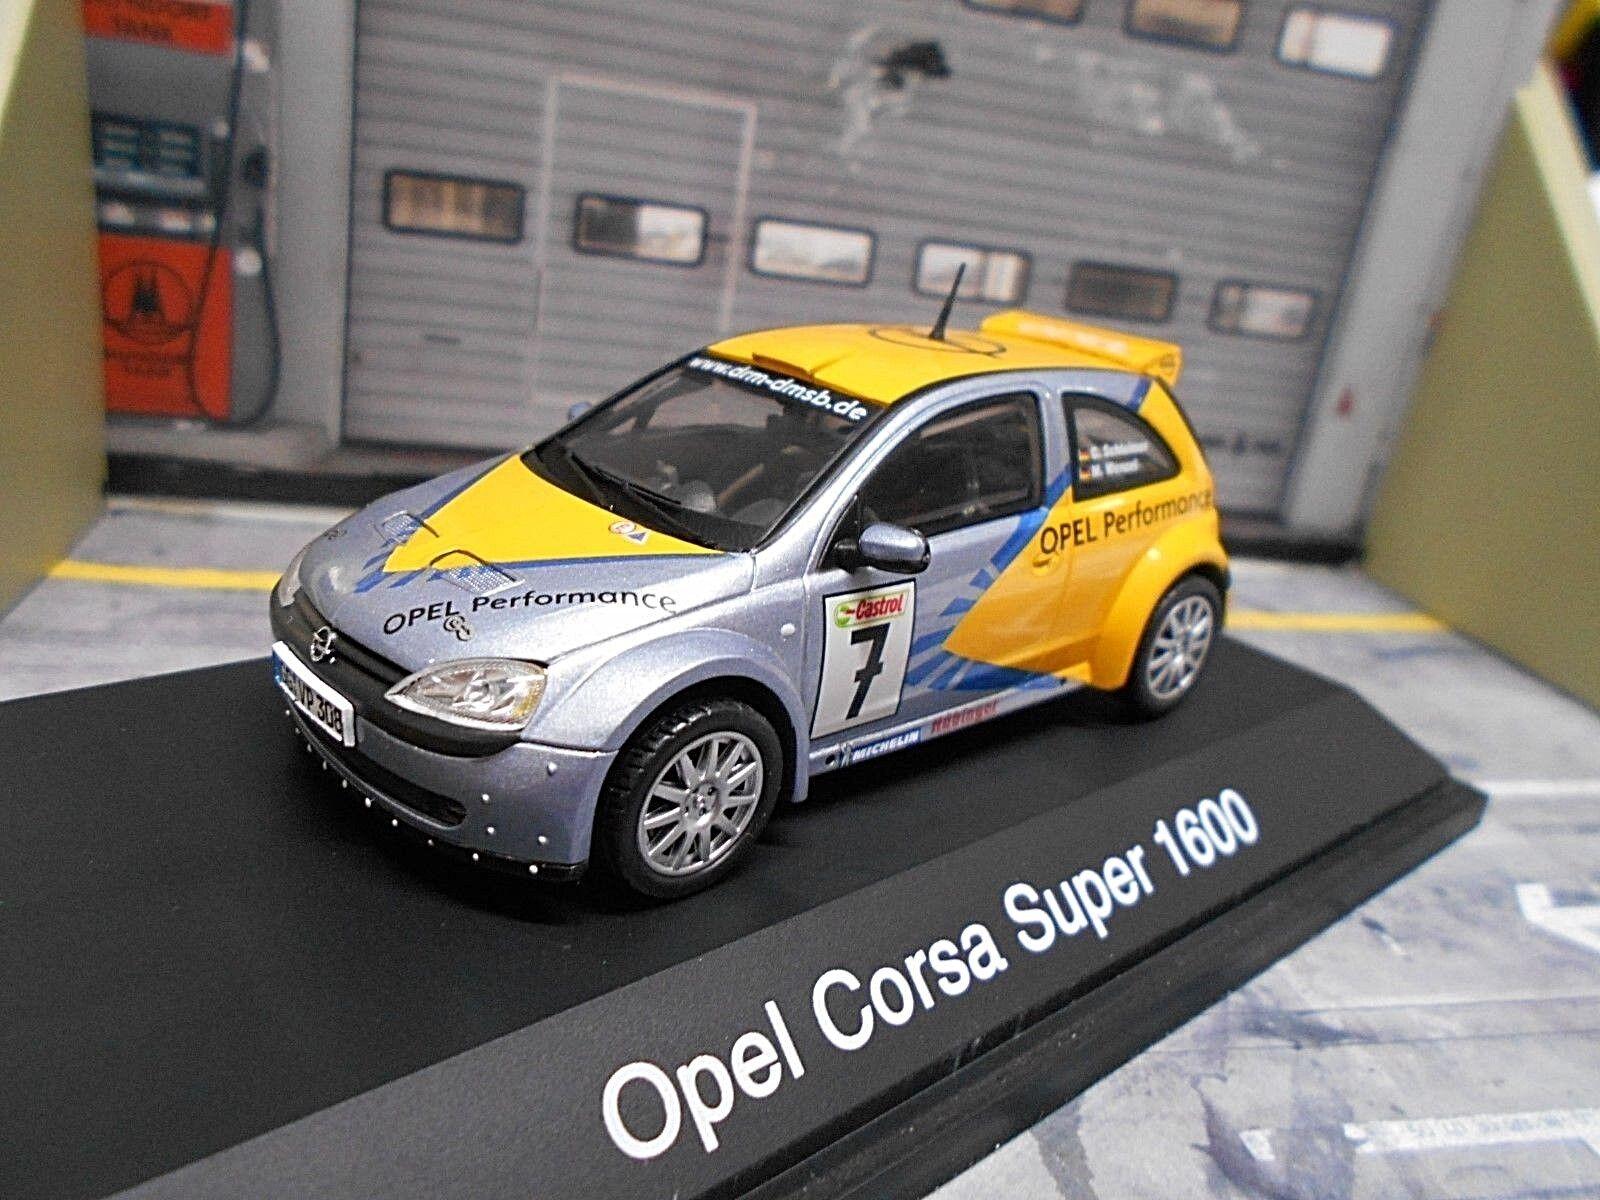 OPEL Corsa Super 1600 s1600 RALLY DRM #7 scroccone Schuco 1:43